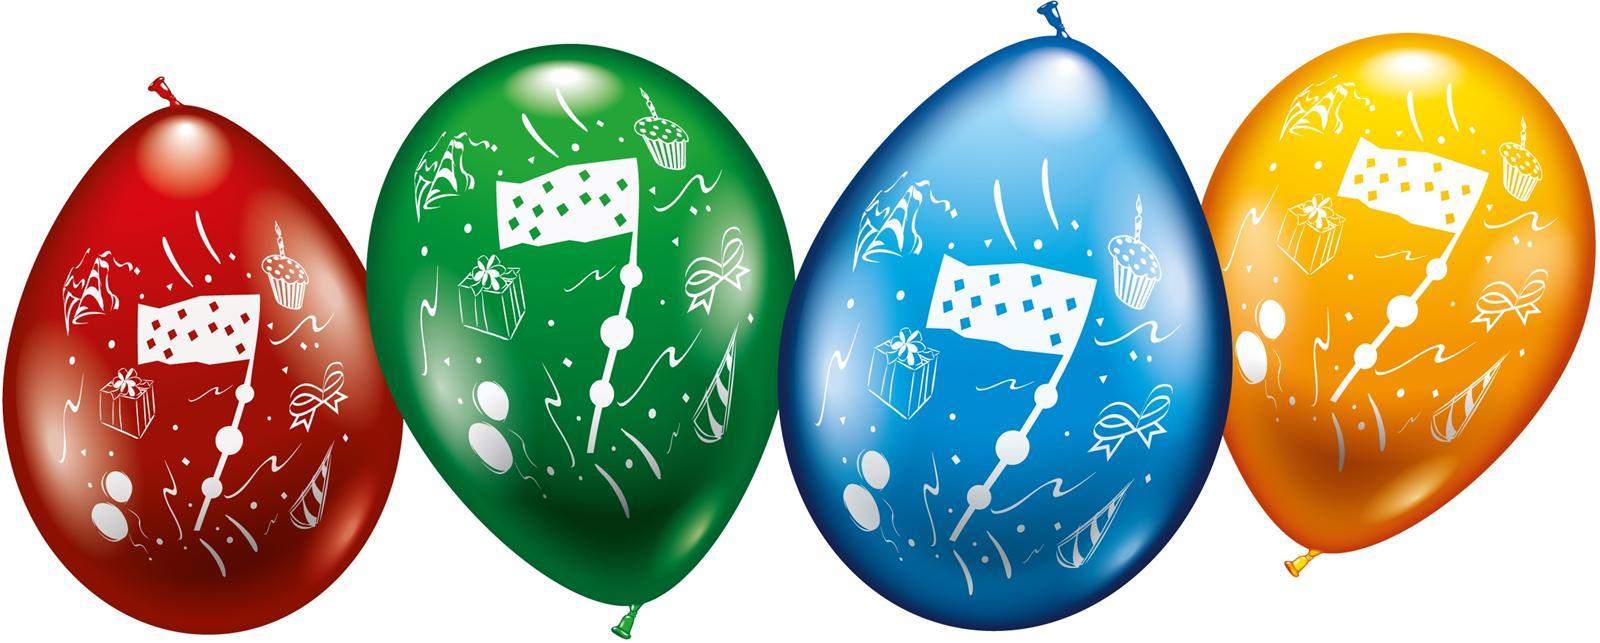 Zahlen Luftballons zum 7. Geburtstag Helium geeignet